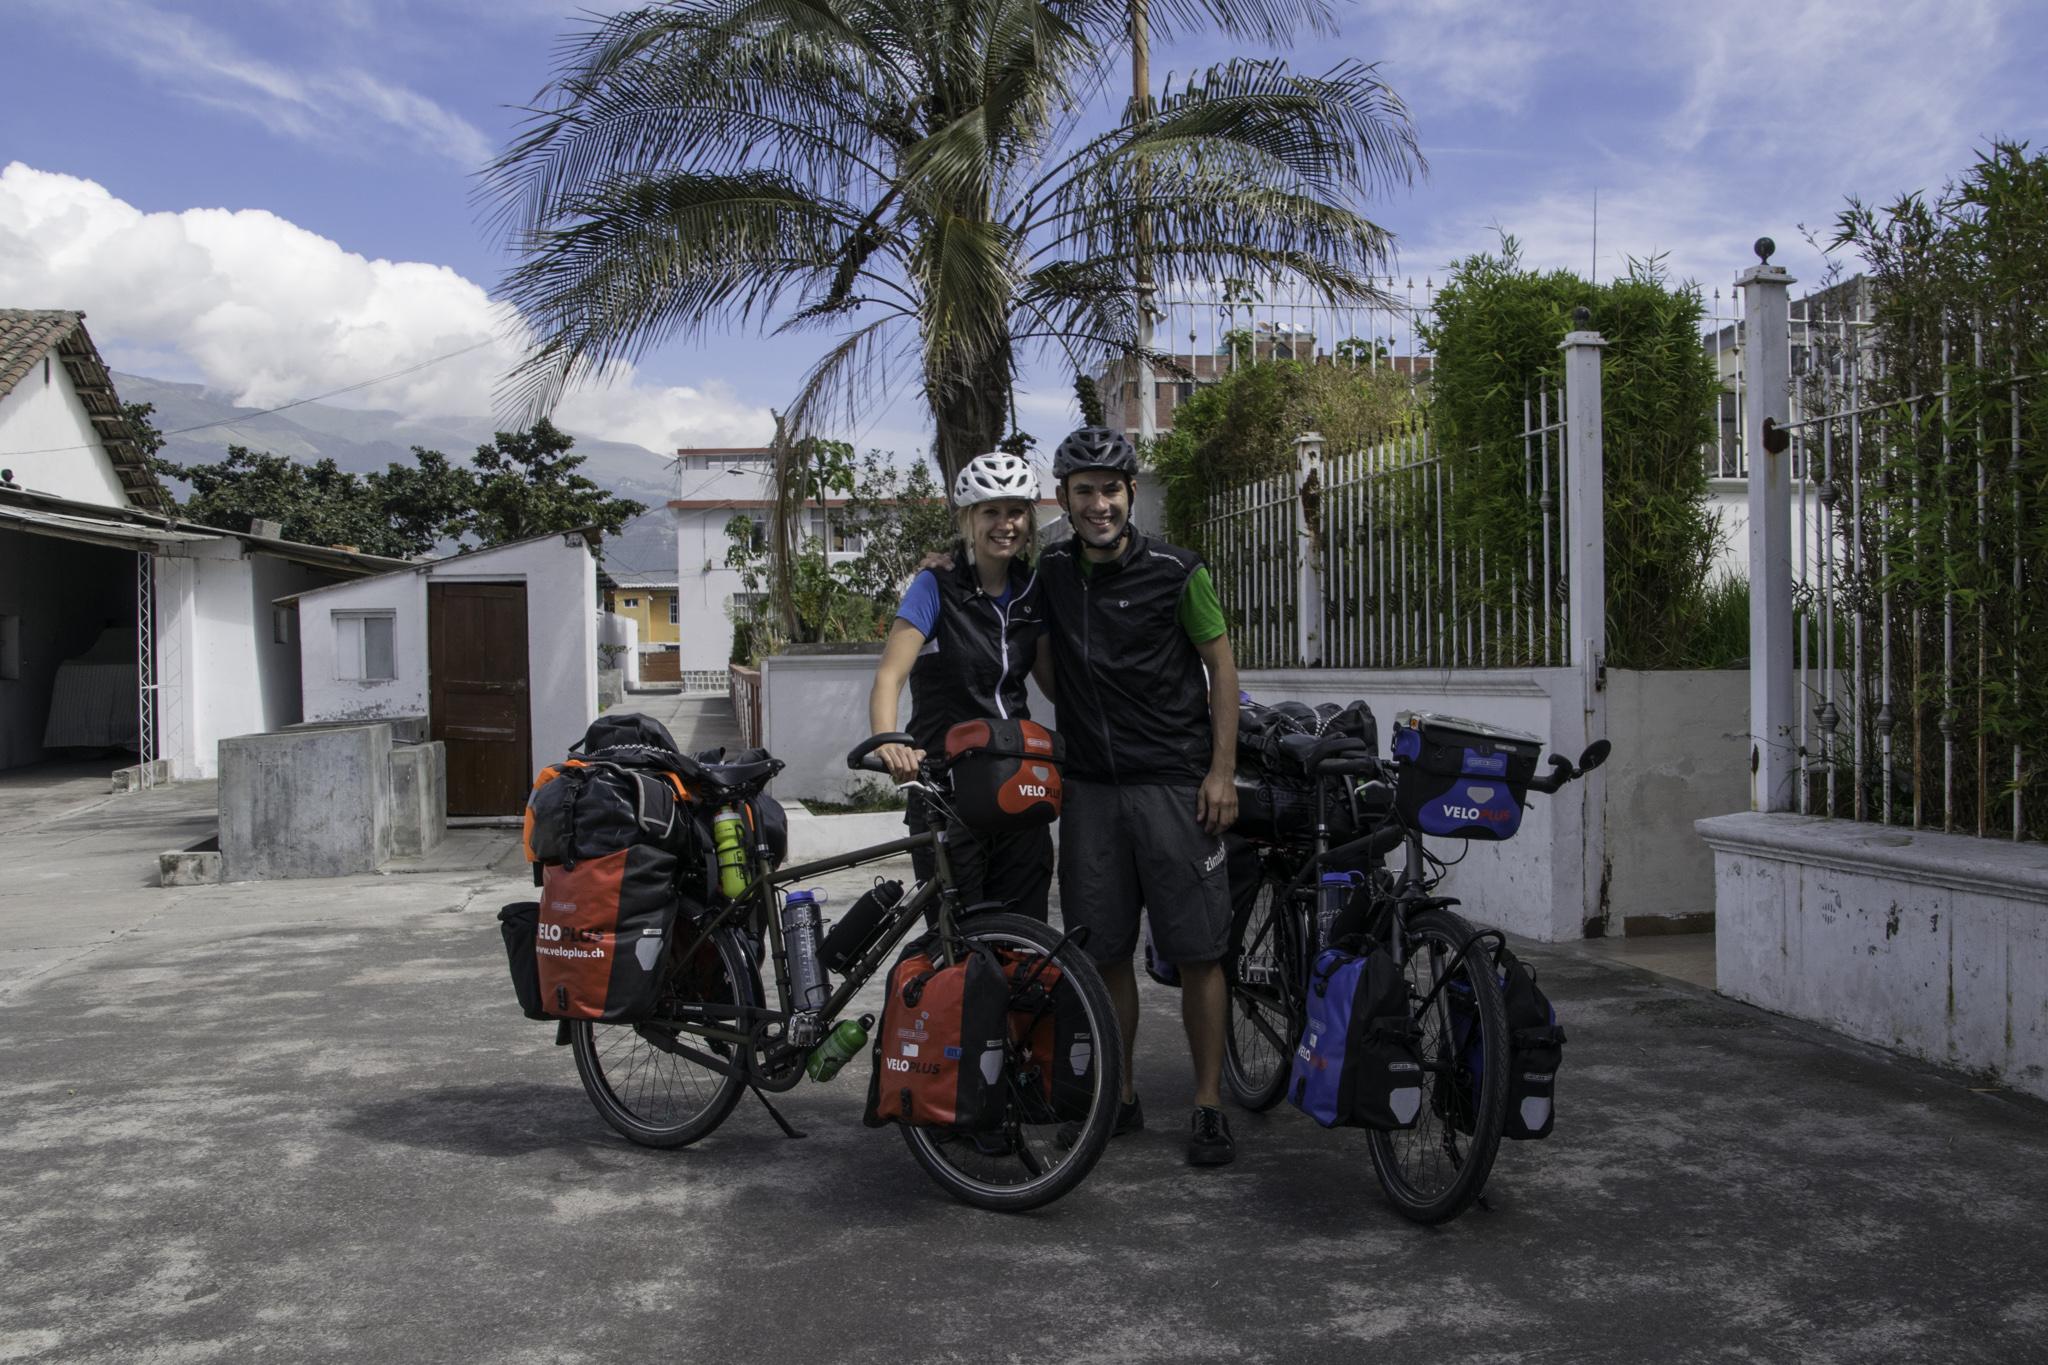 Abfahrt bei Patricia und Jorge in Quito